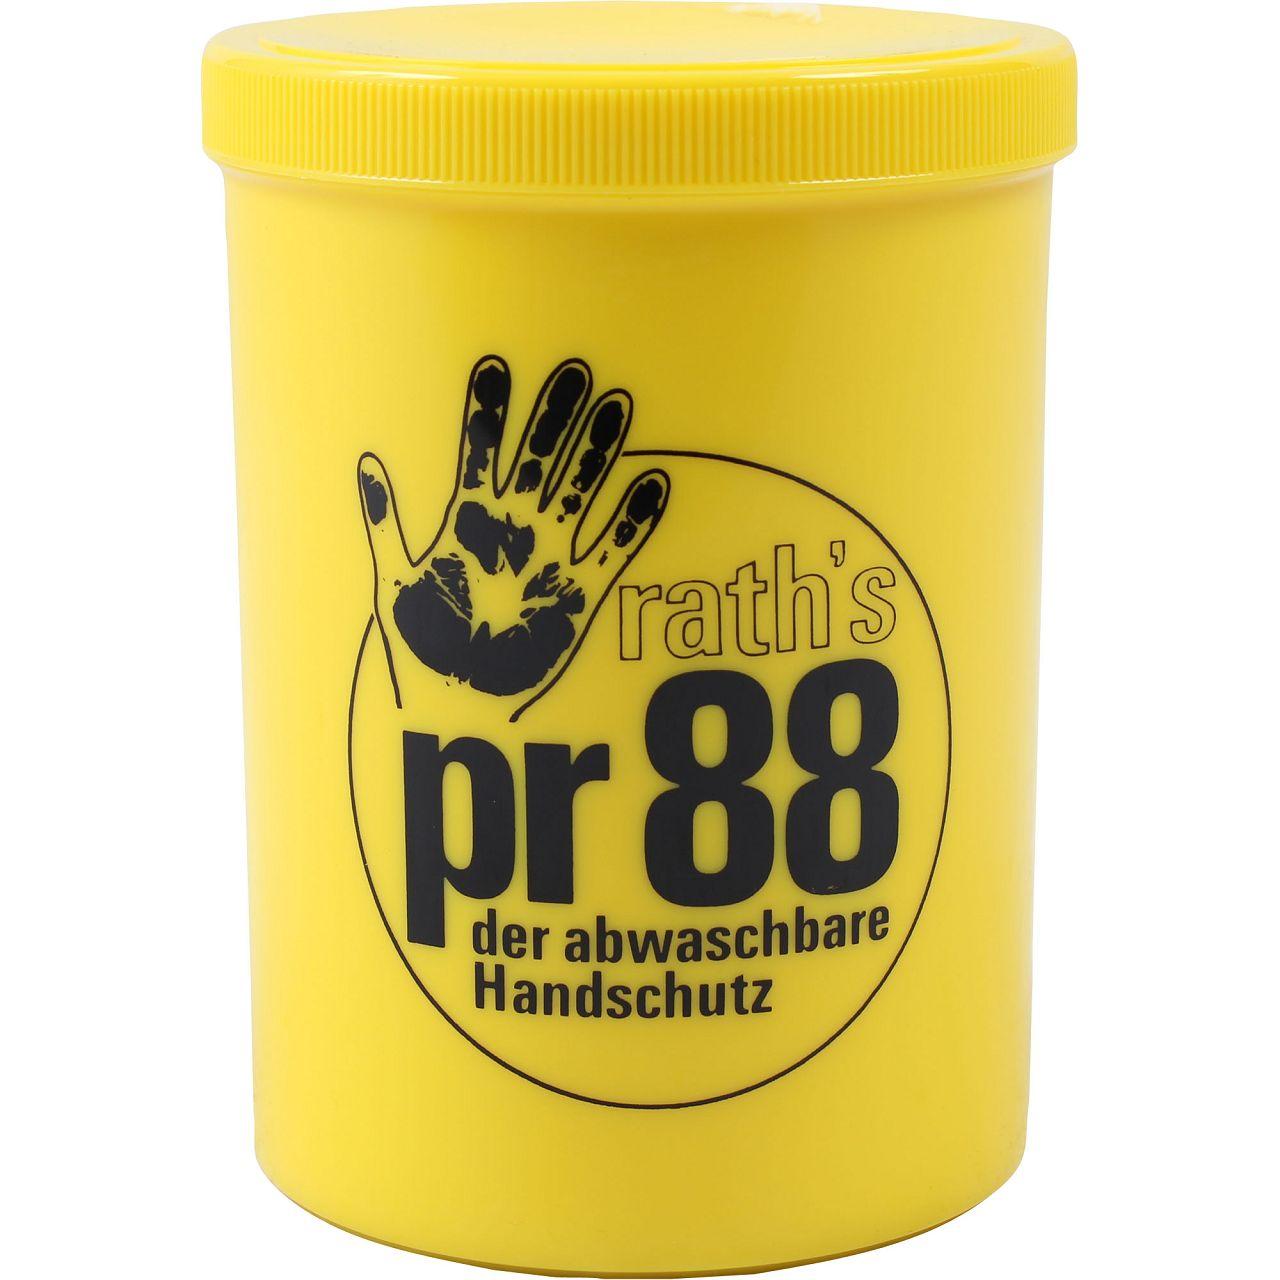 RATH's Creme PR 88 Hautschutz der abwaschbare Handschuh Handcreme 1L 1 Liter